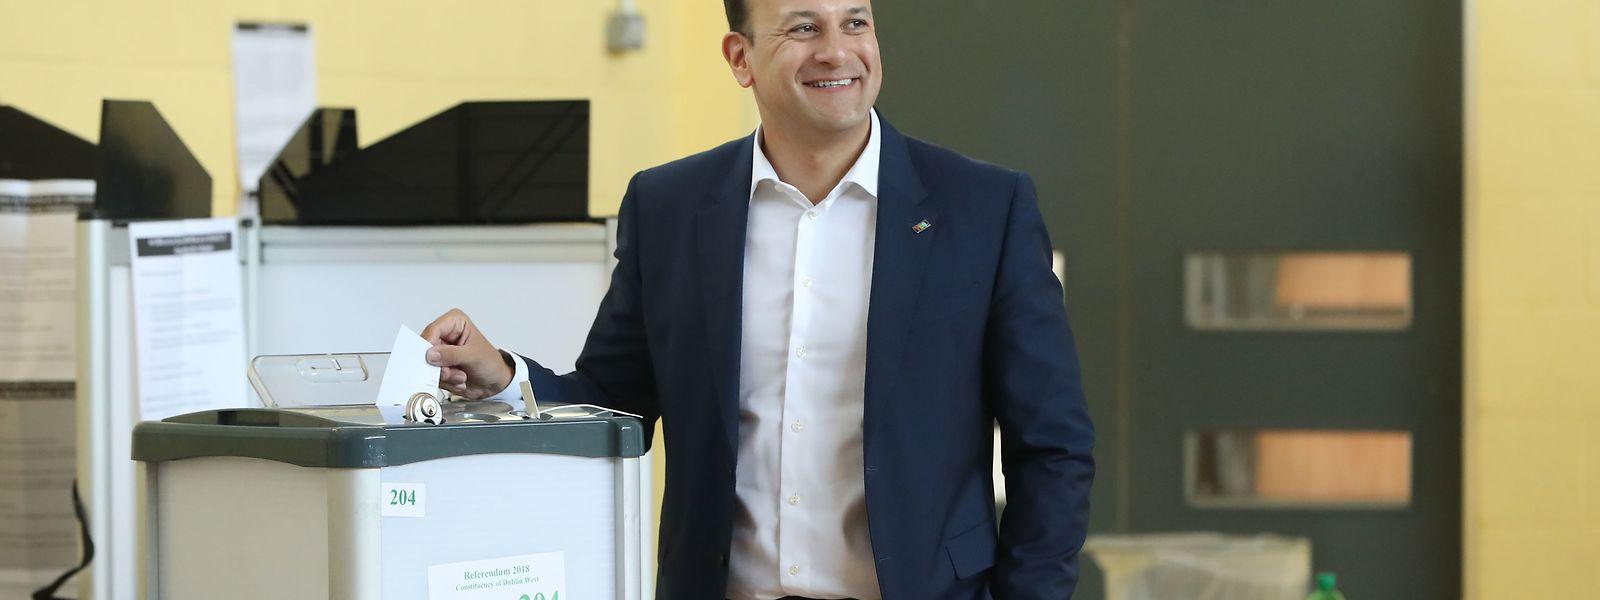 Leo Varadkar, Premierminister von Irland, gibt in einem Wahllokal seine Stimme ab.